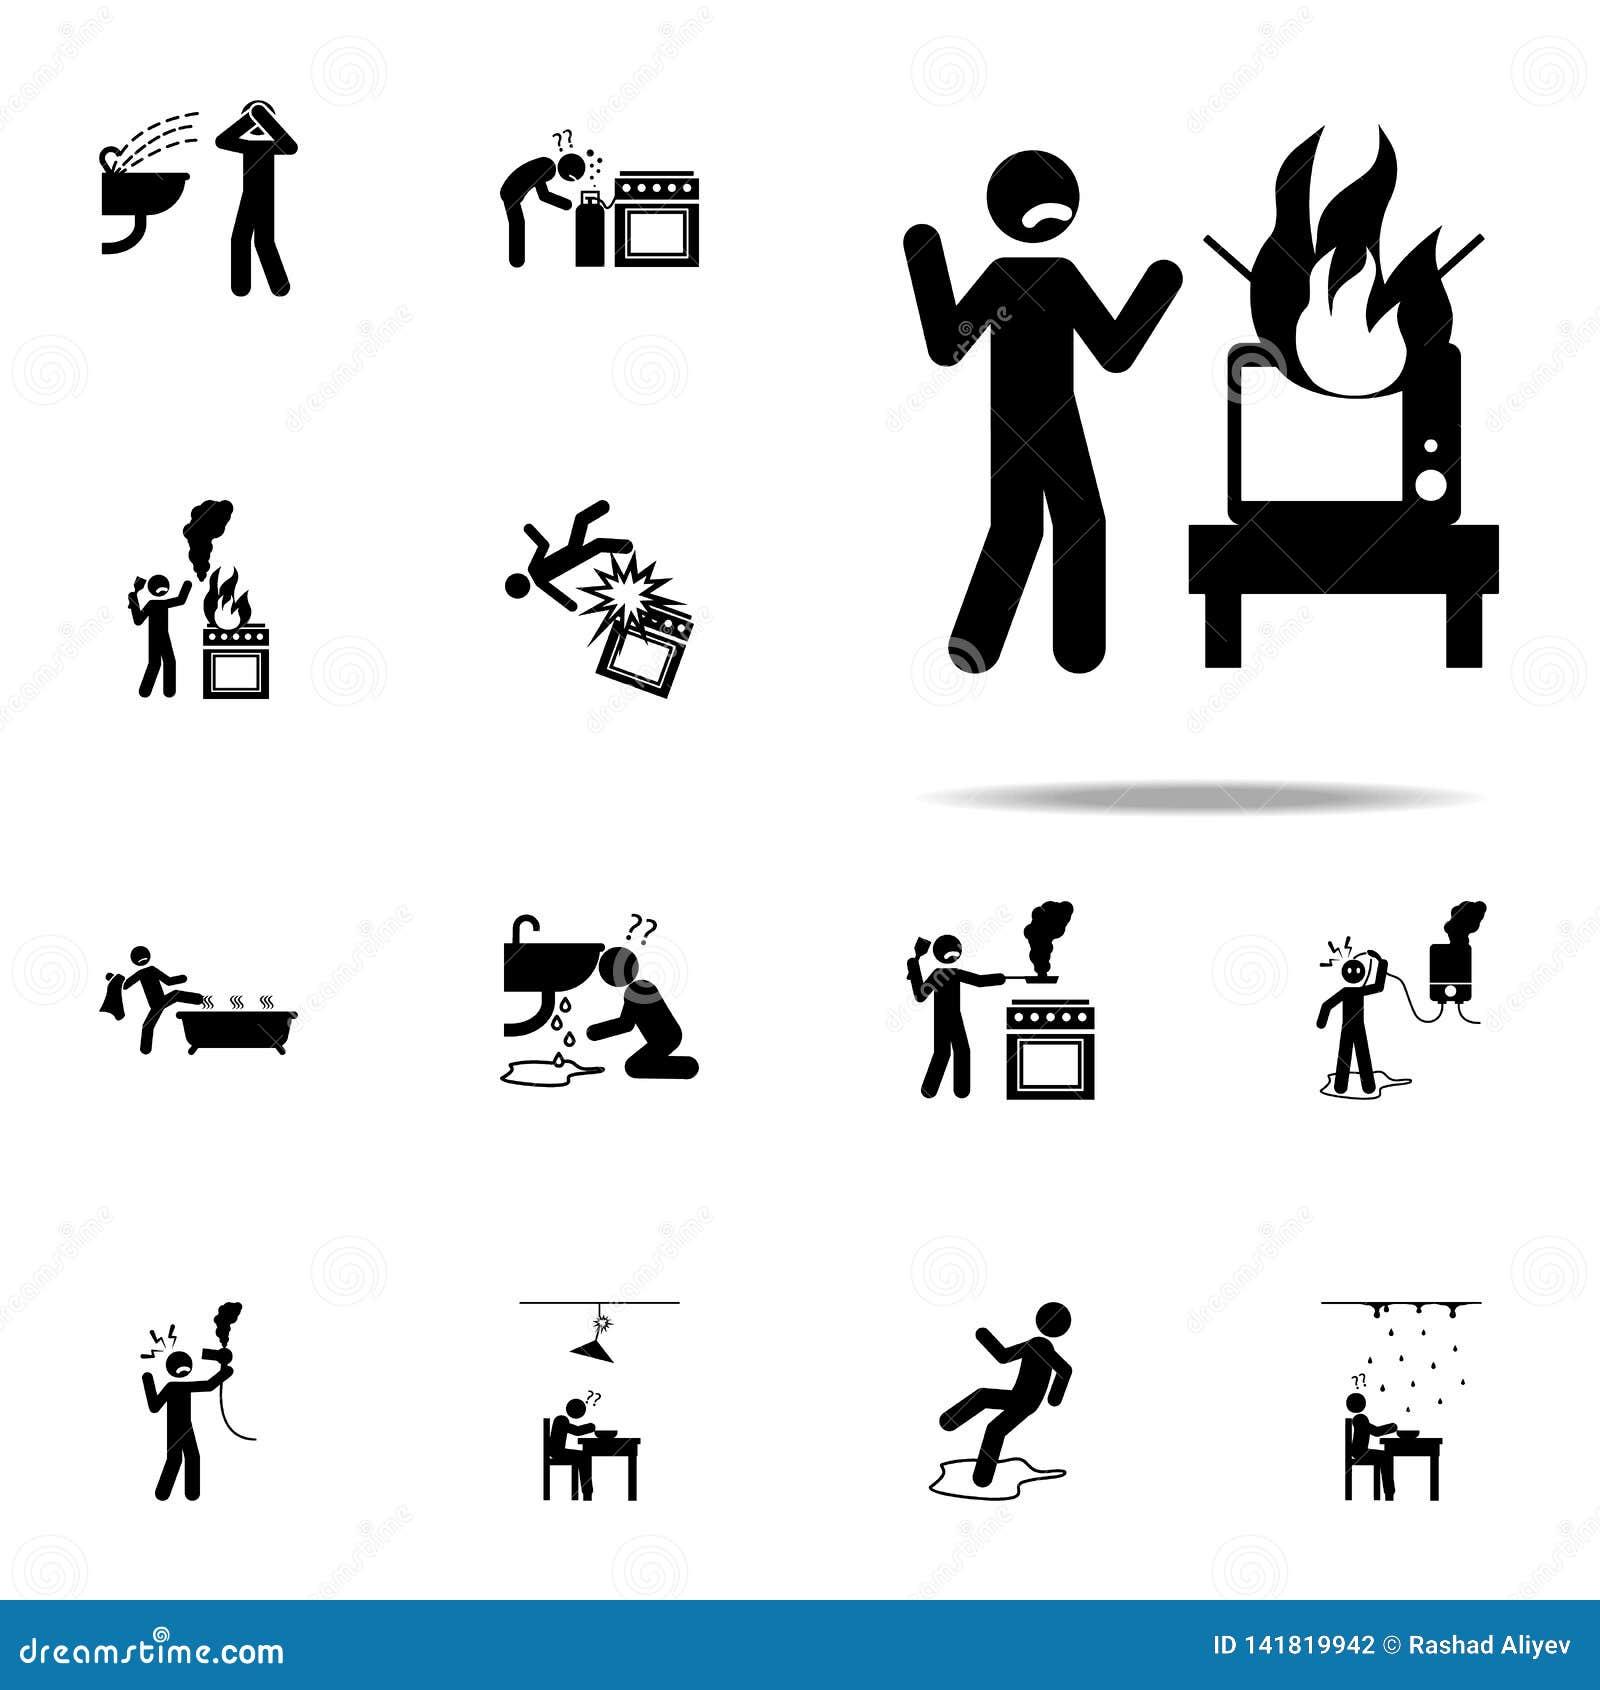 Danger, Hair Dryer Icon. Home Hazard